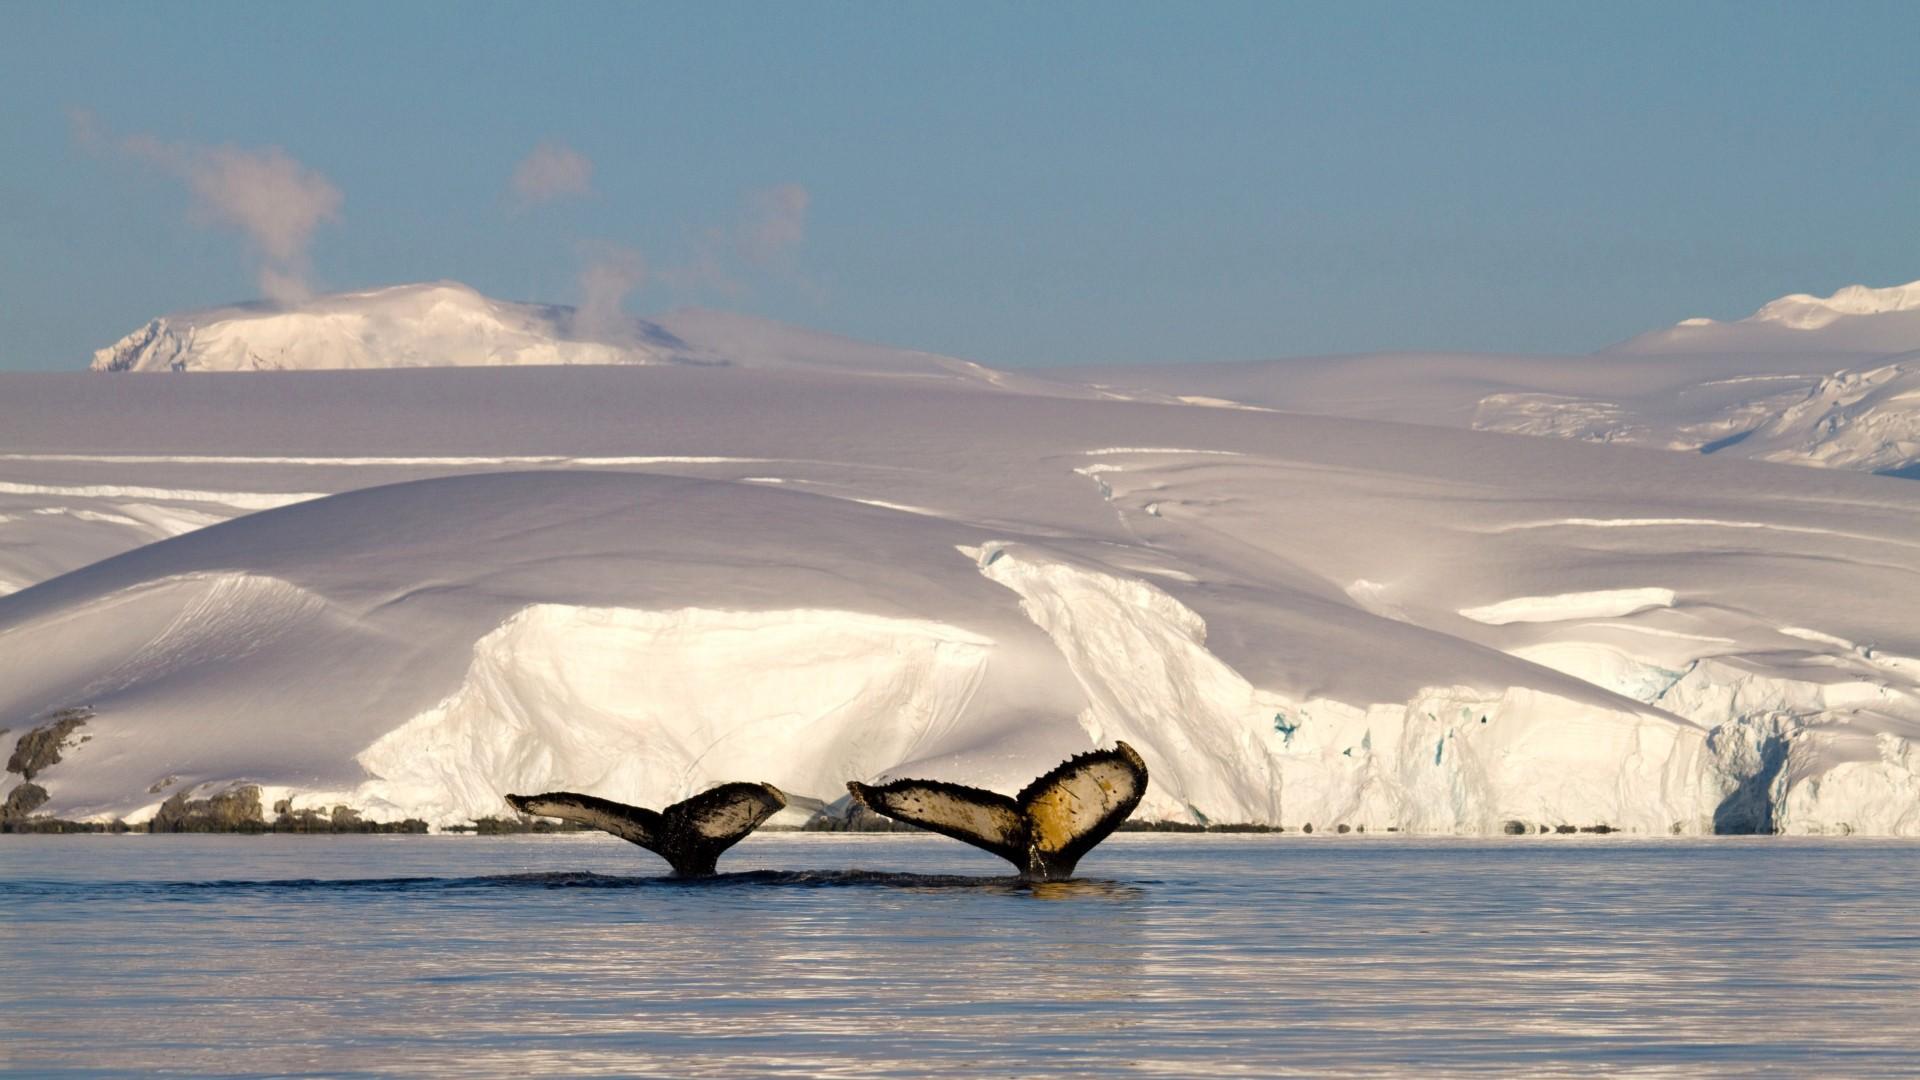 Croisières en Antarctique depuis le Chili